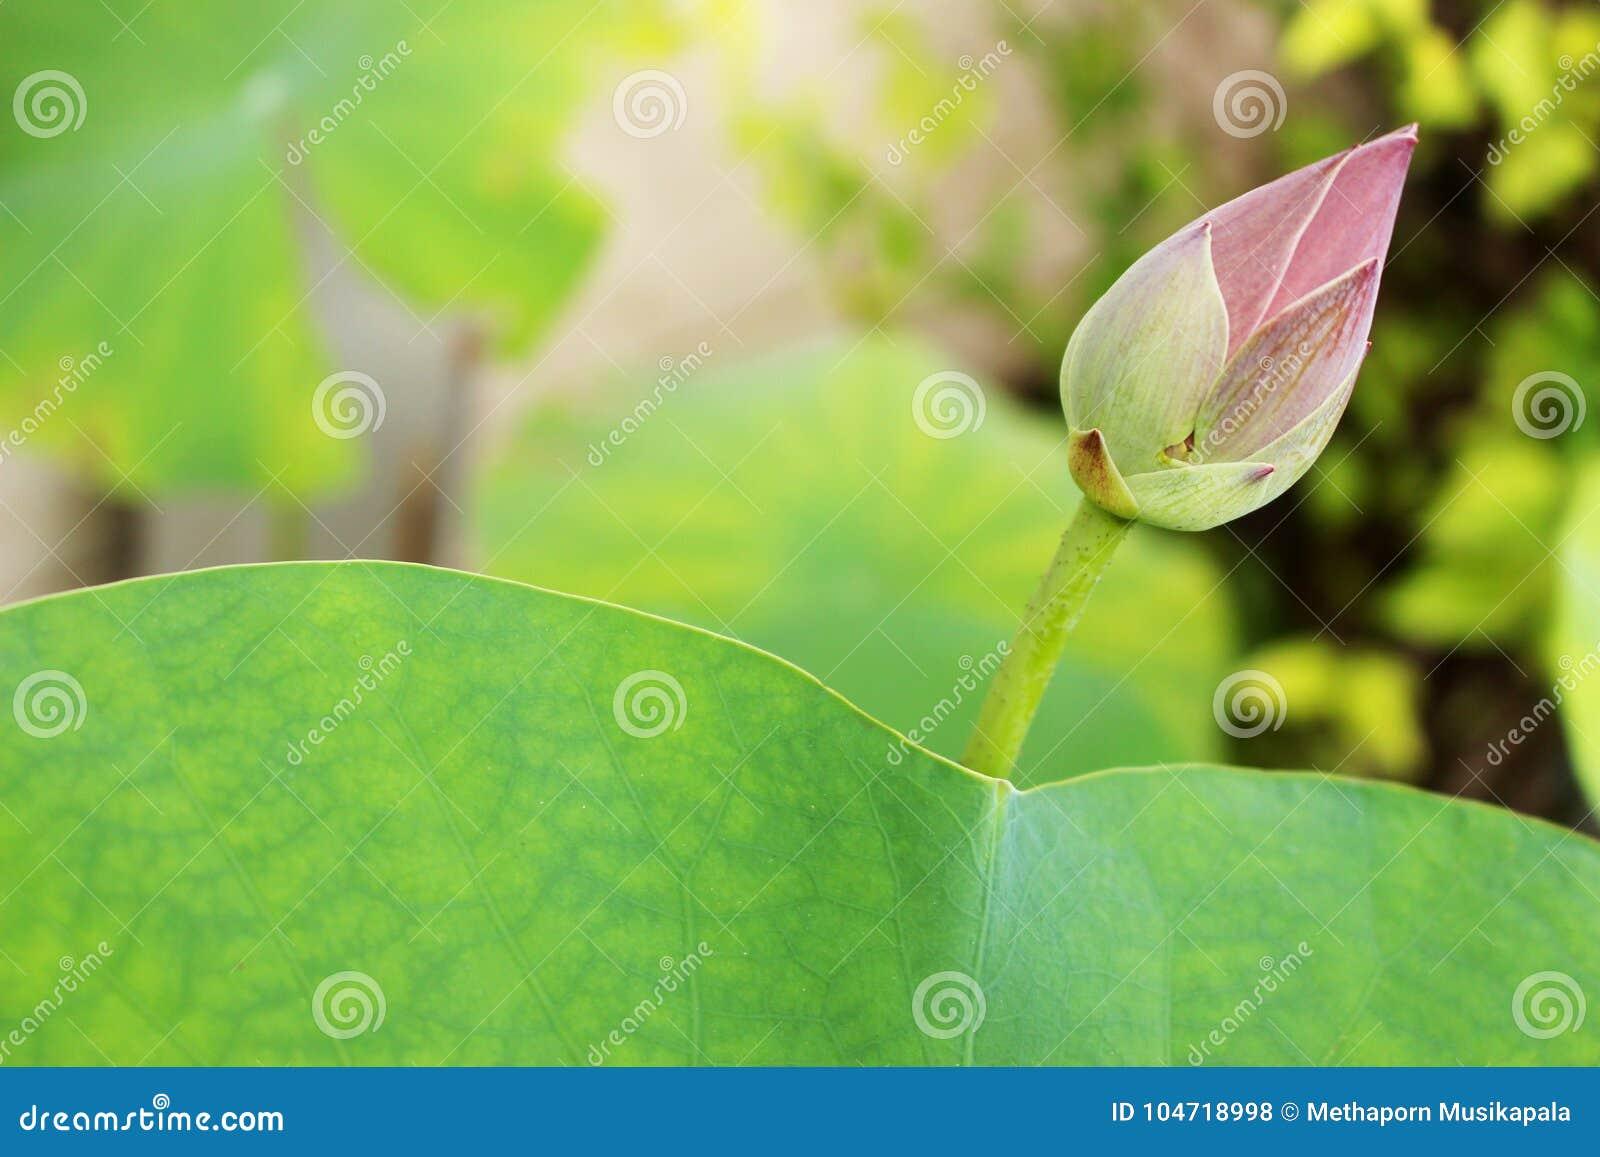 El Brote Hermoso De Una Flor De Loto Rosada Y El Loto Verde Hojean